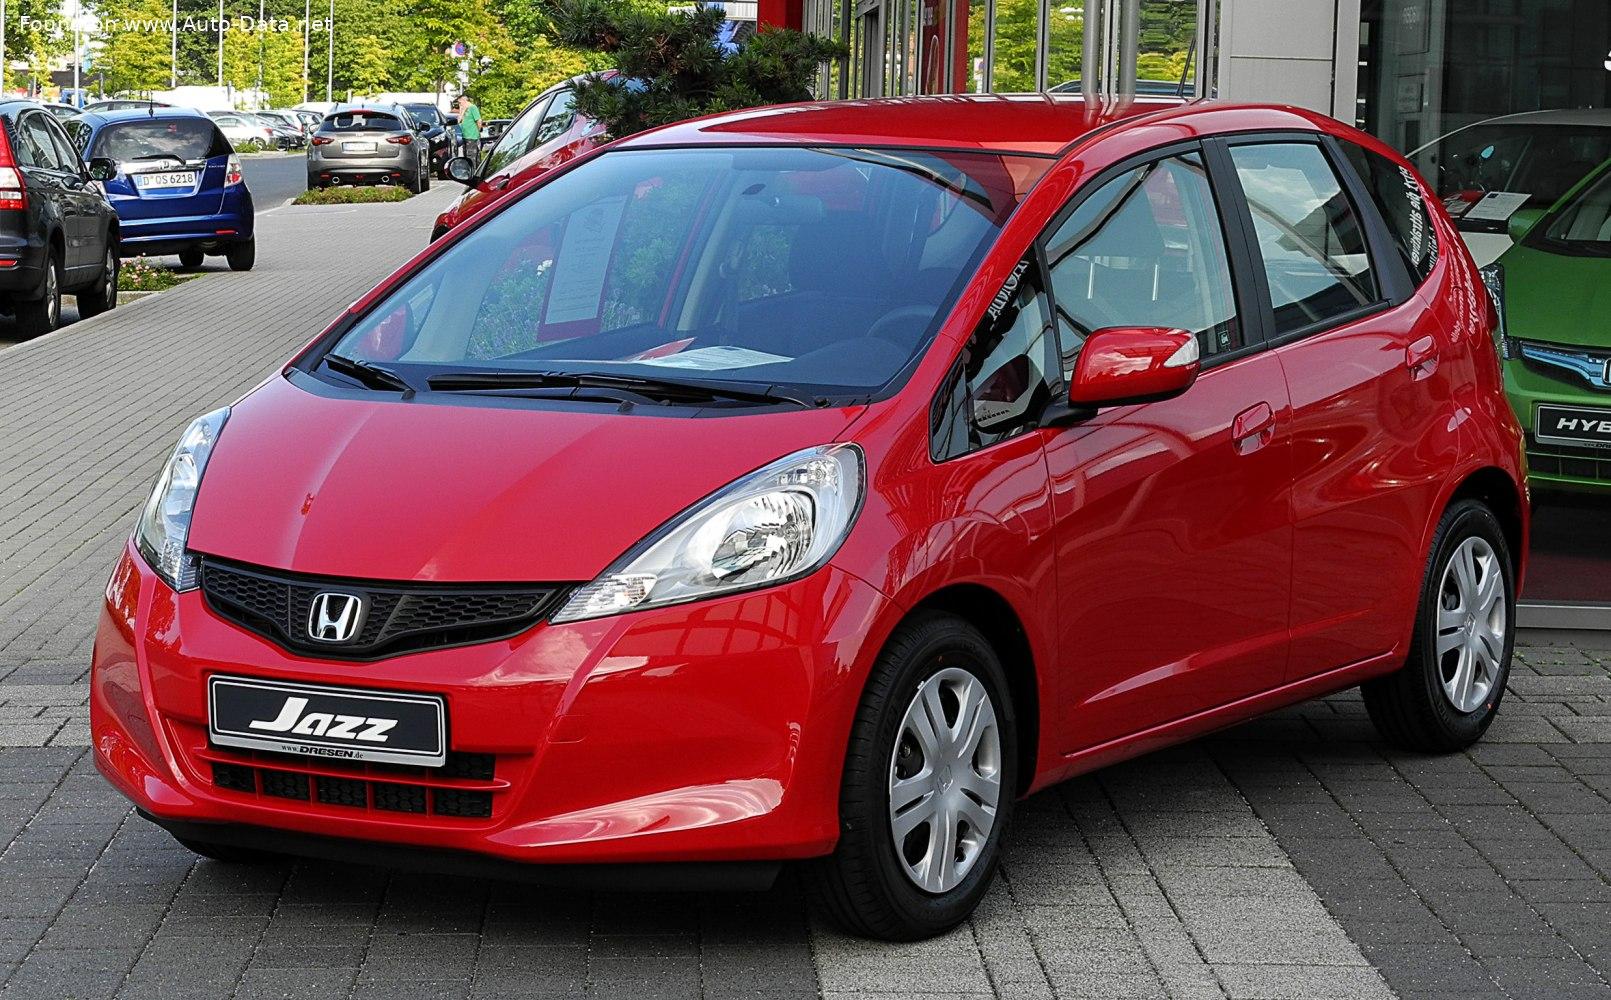 Kelebihan Honda Jazz 2011 Perbandingan Harga